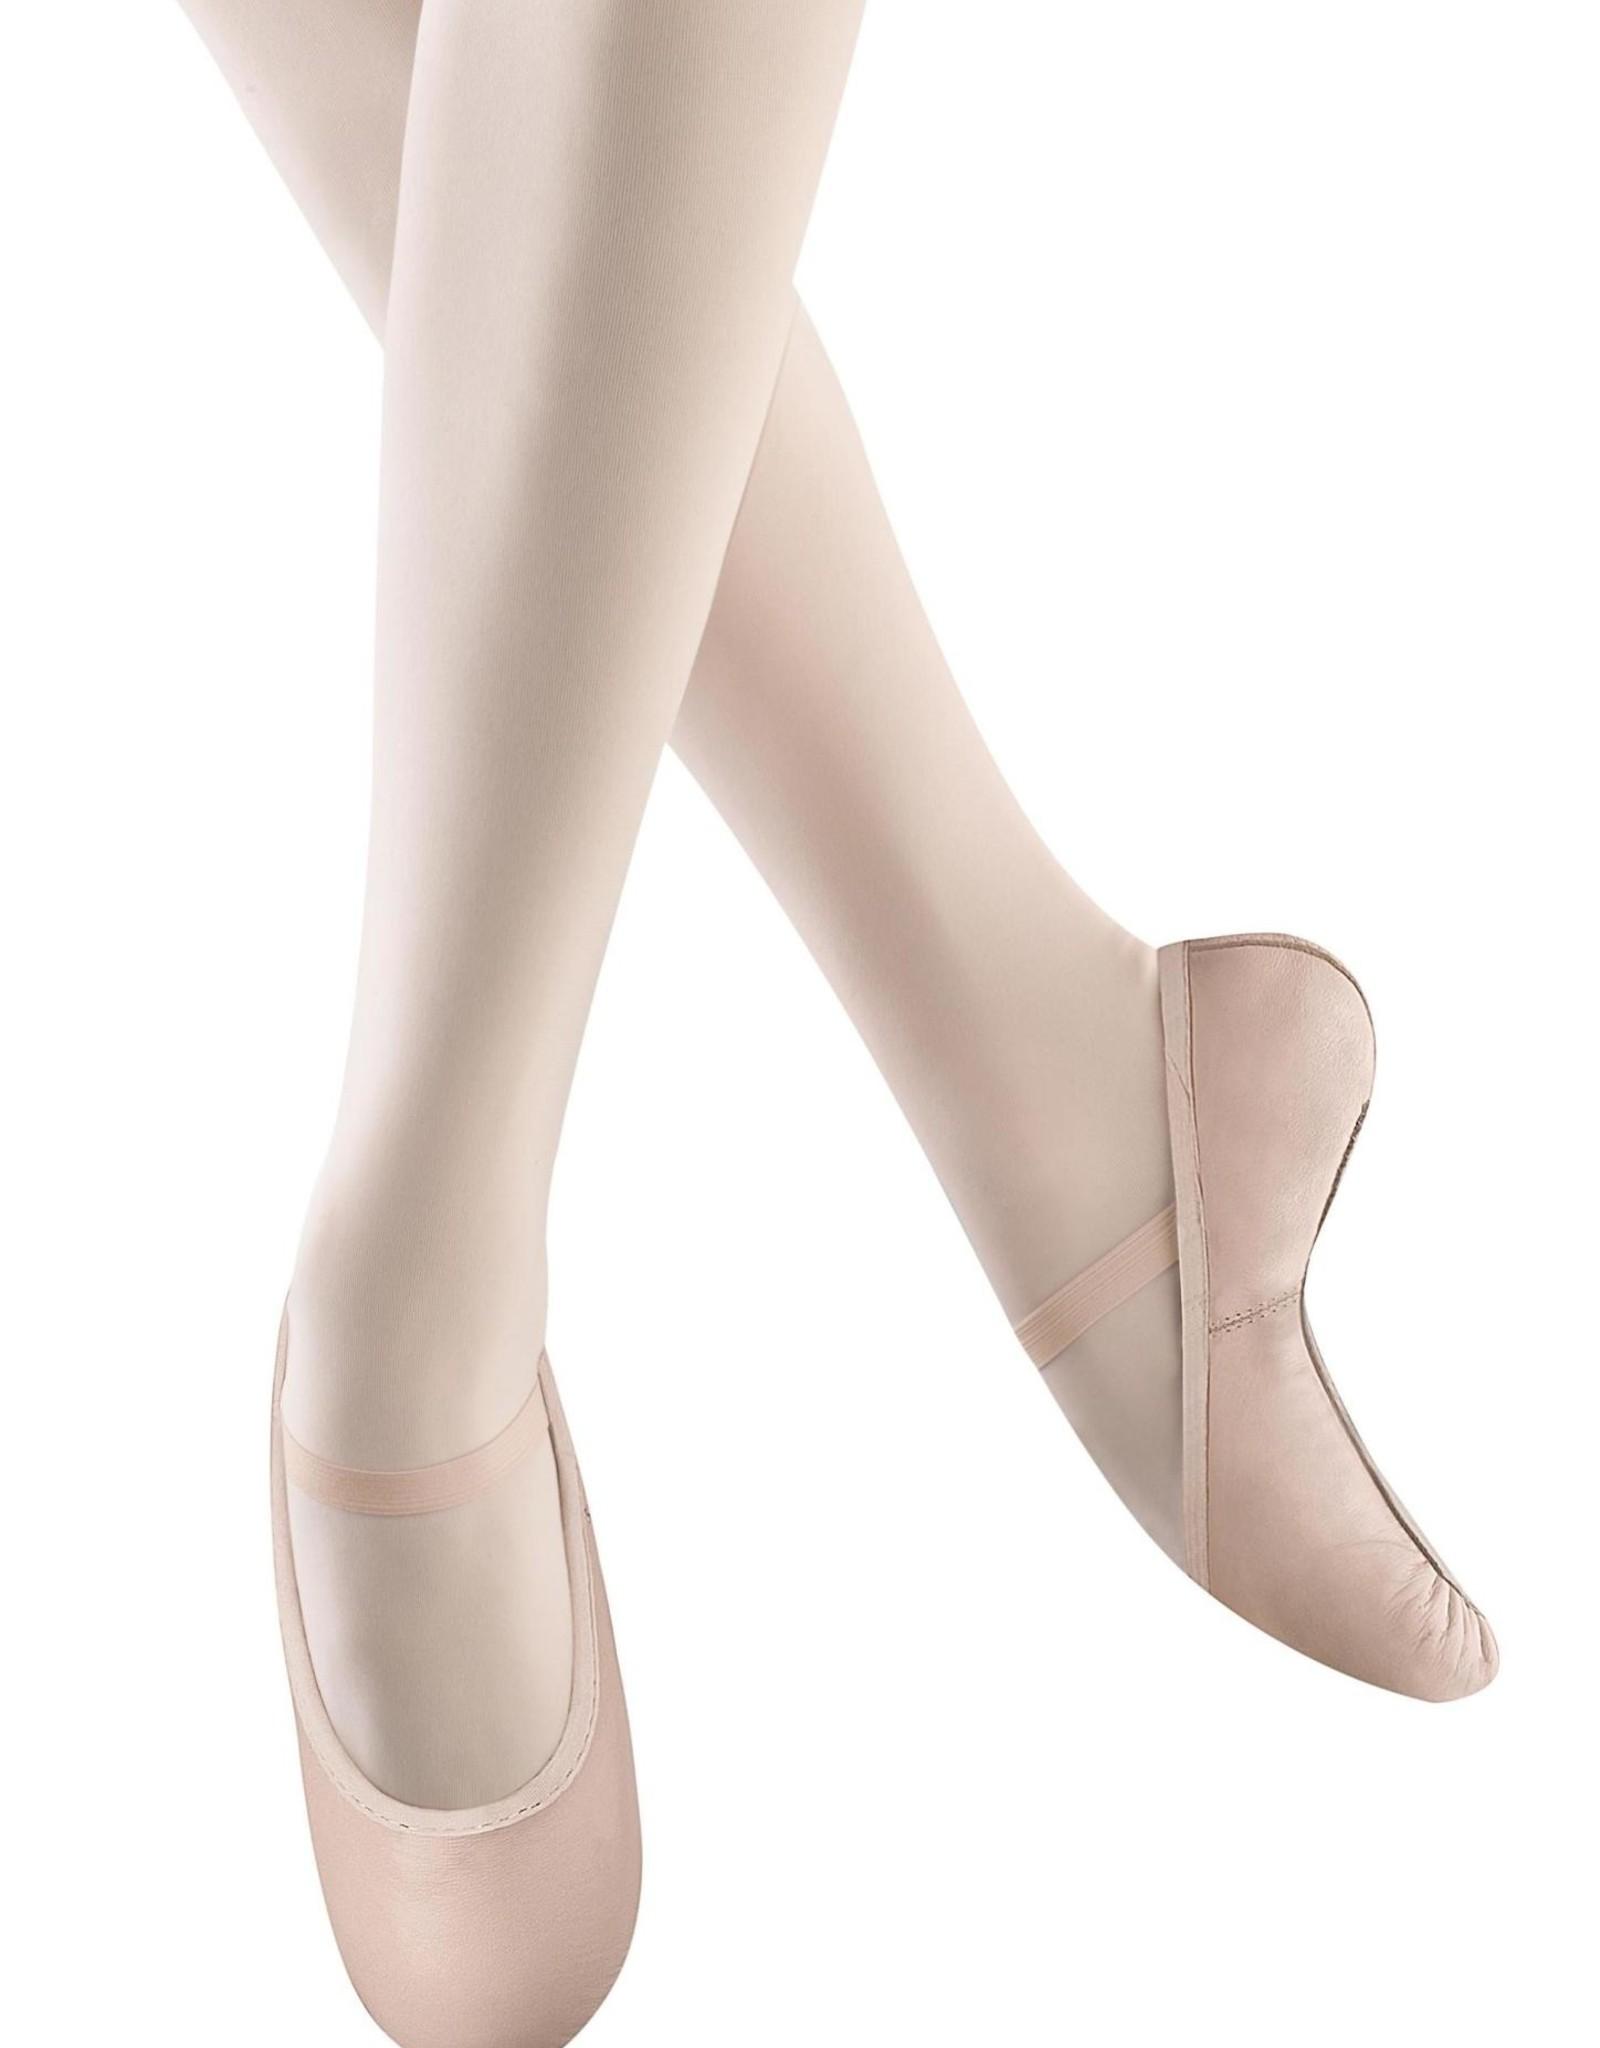 Bloch Bloch Belle Leather Full Sole Ballet Shoe S0227T